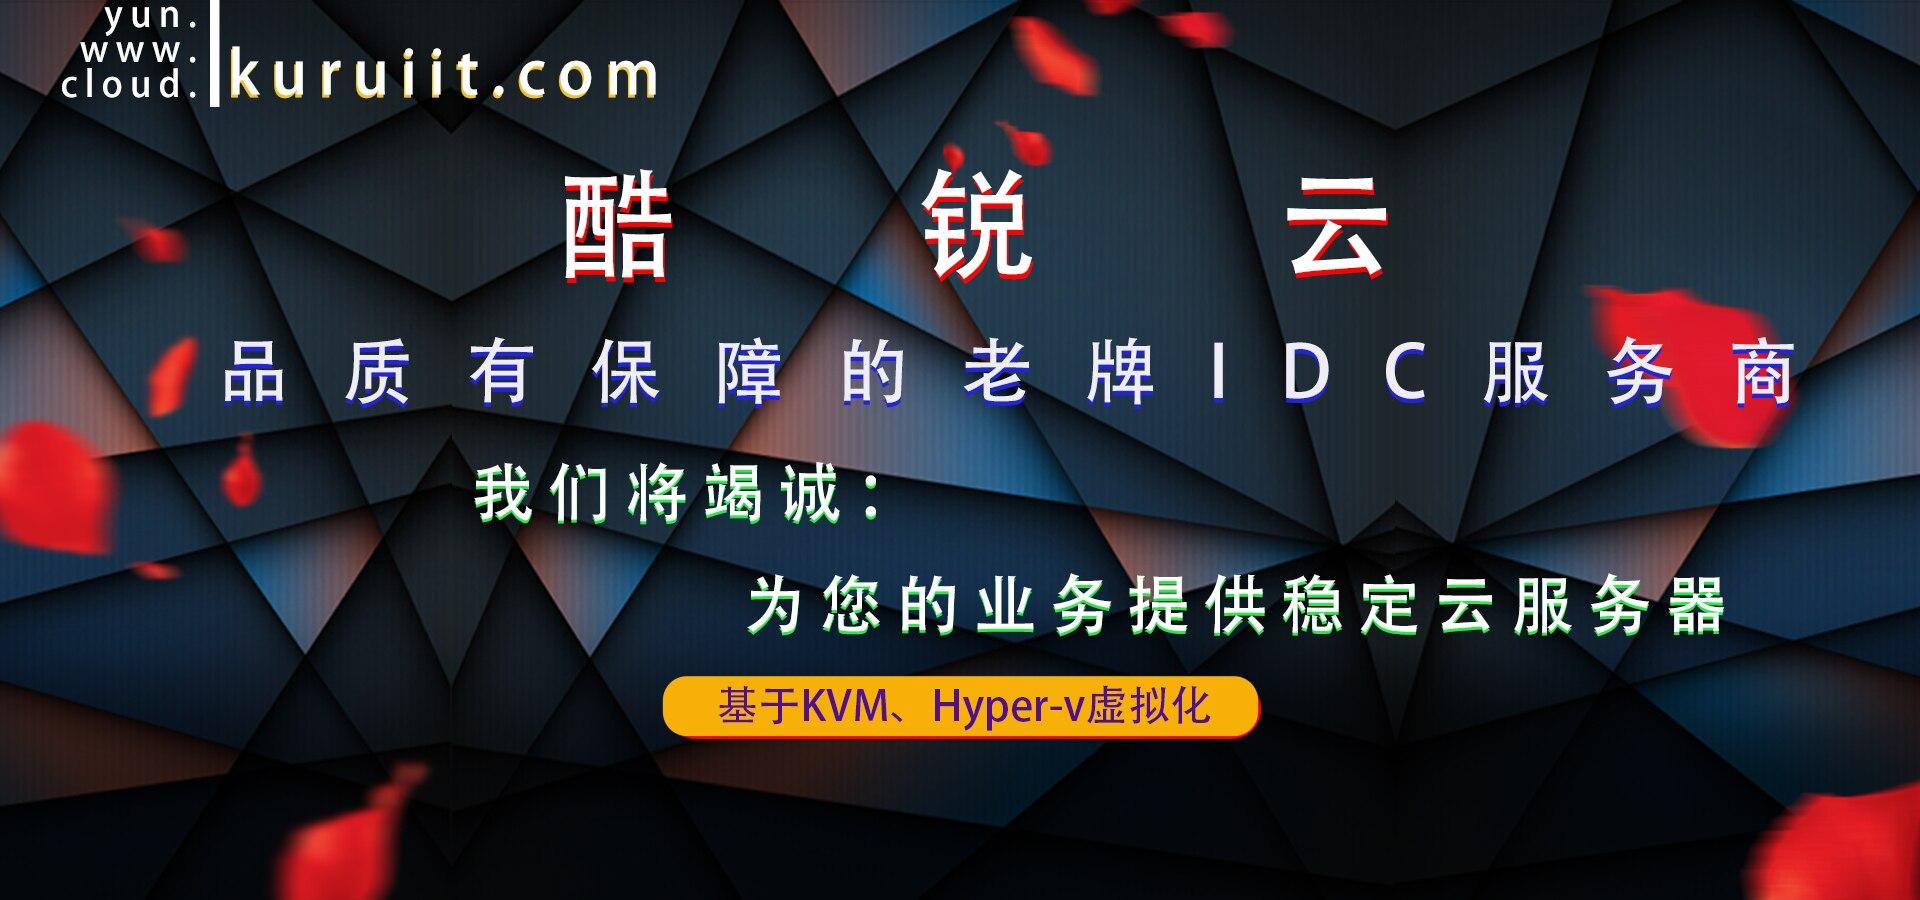 酷锐云圣诞/元旦促销_香港CN2/美国CN2高防月付20元起/美国原生IP